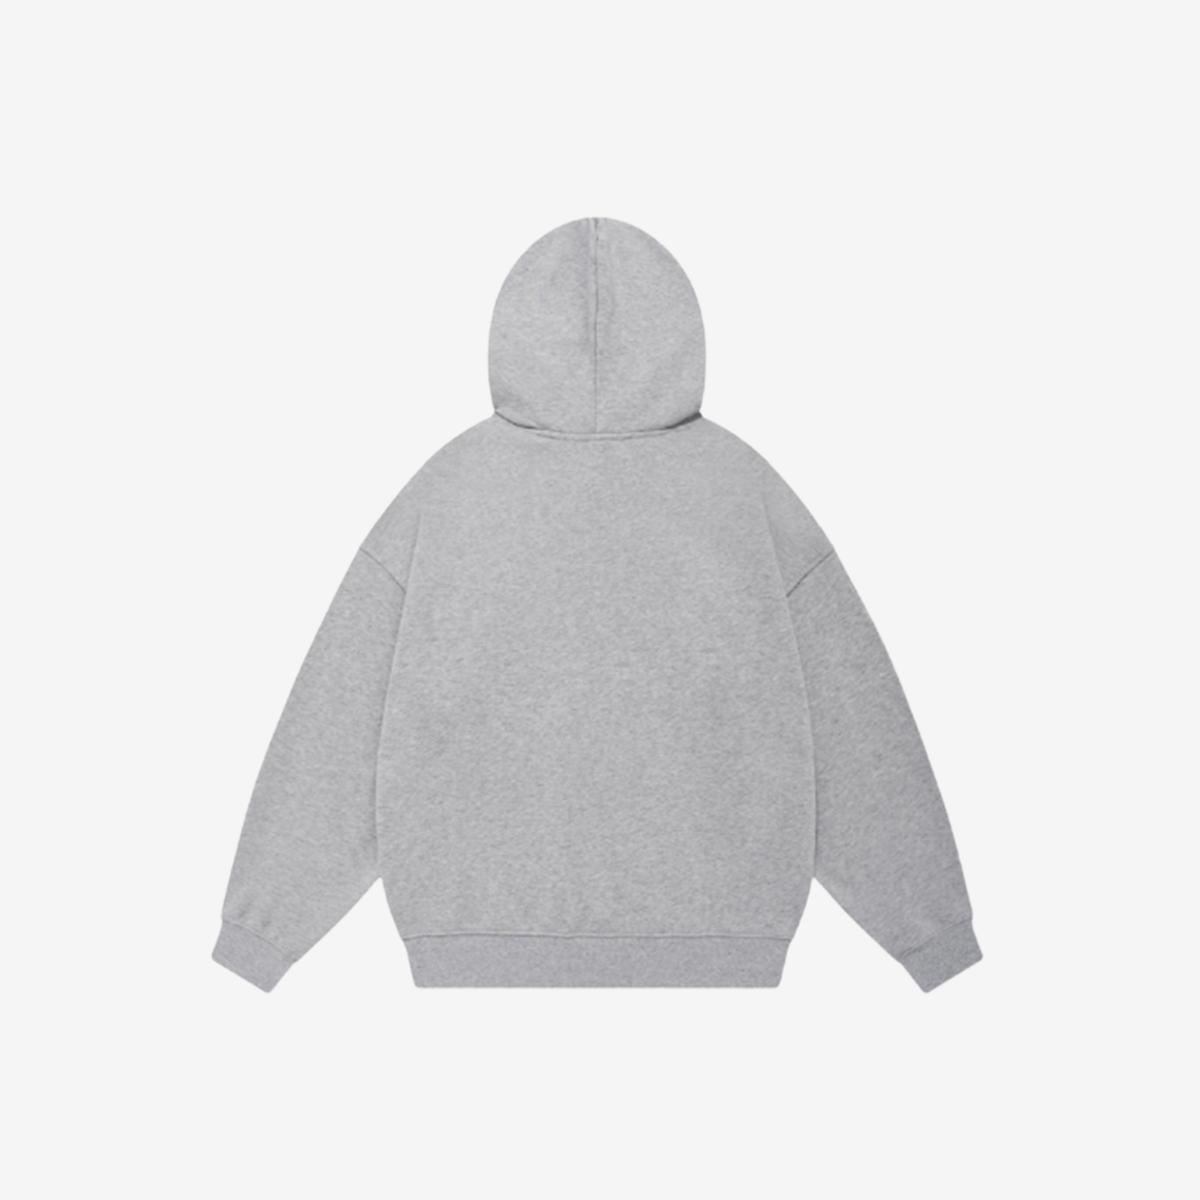 ⟪河成雲同款⟫ 2020 Signature 帽T(灰色)